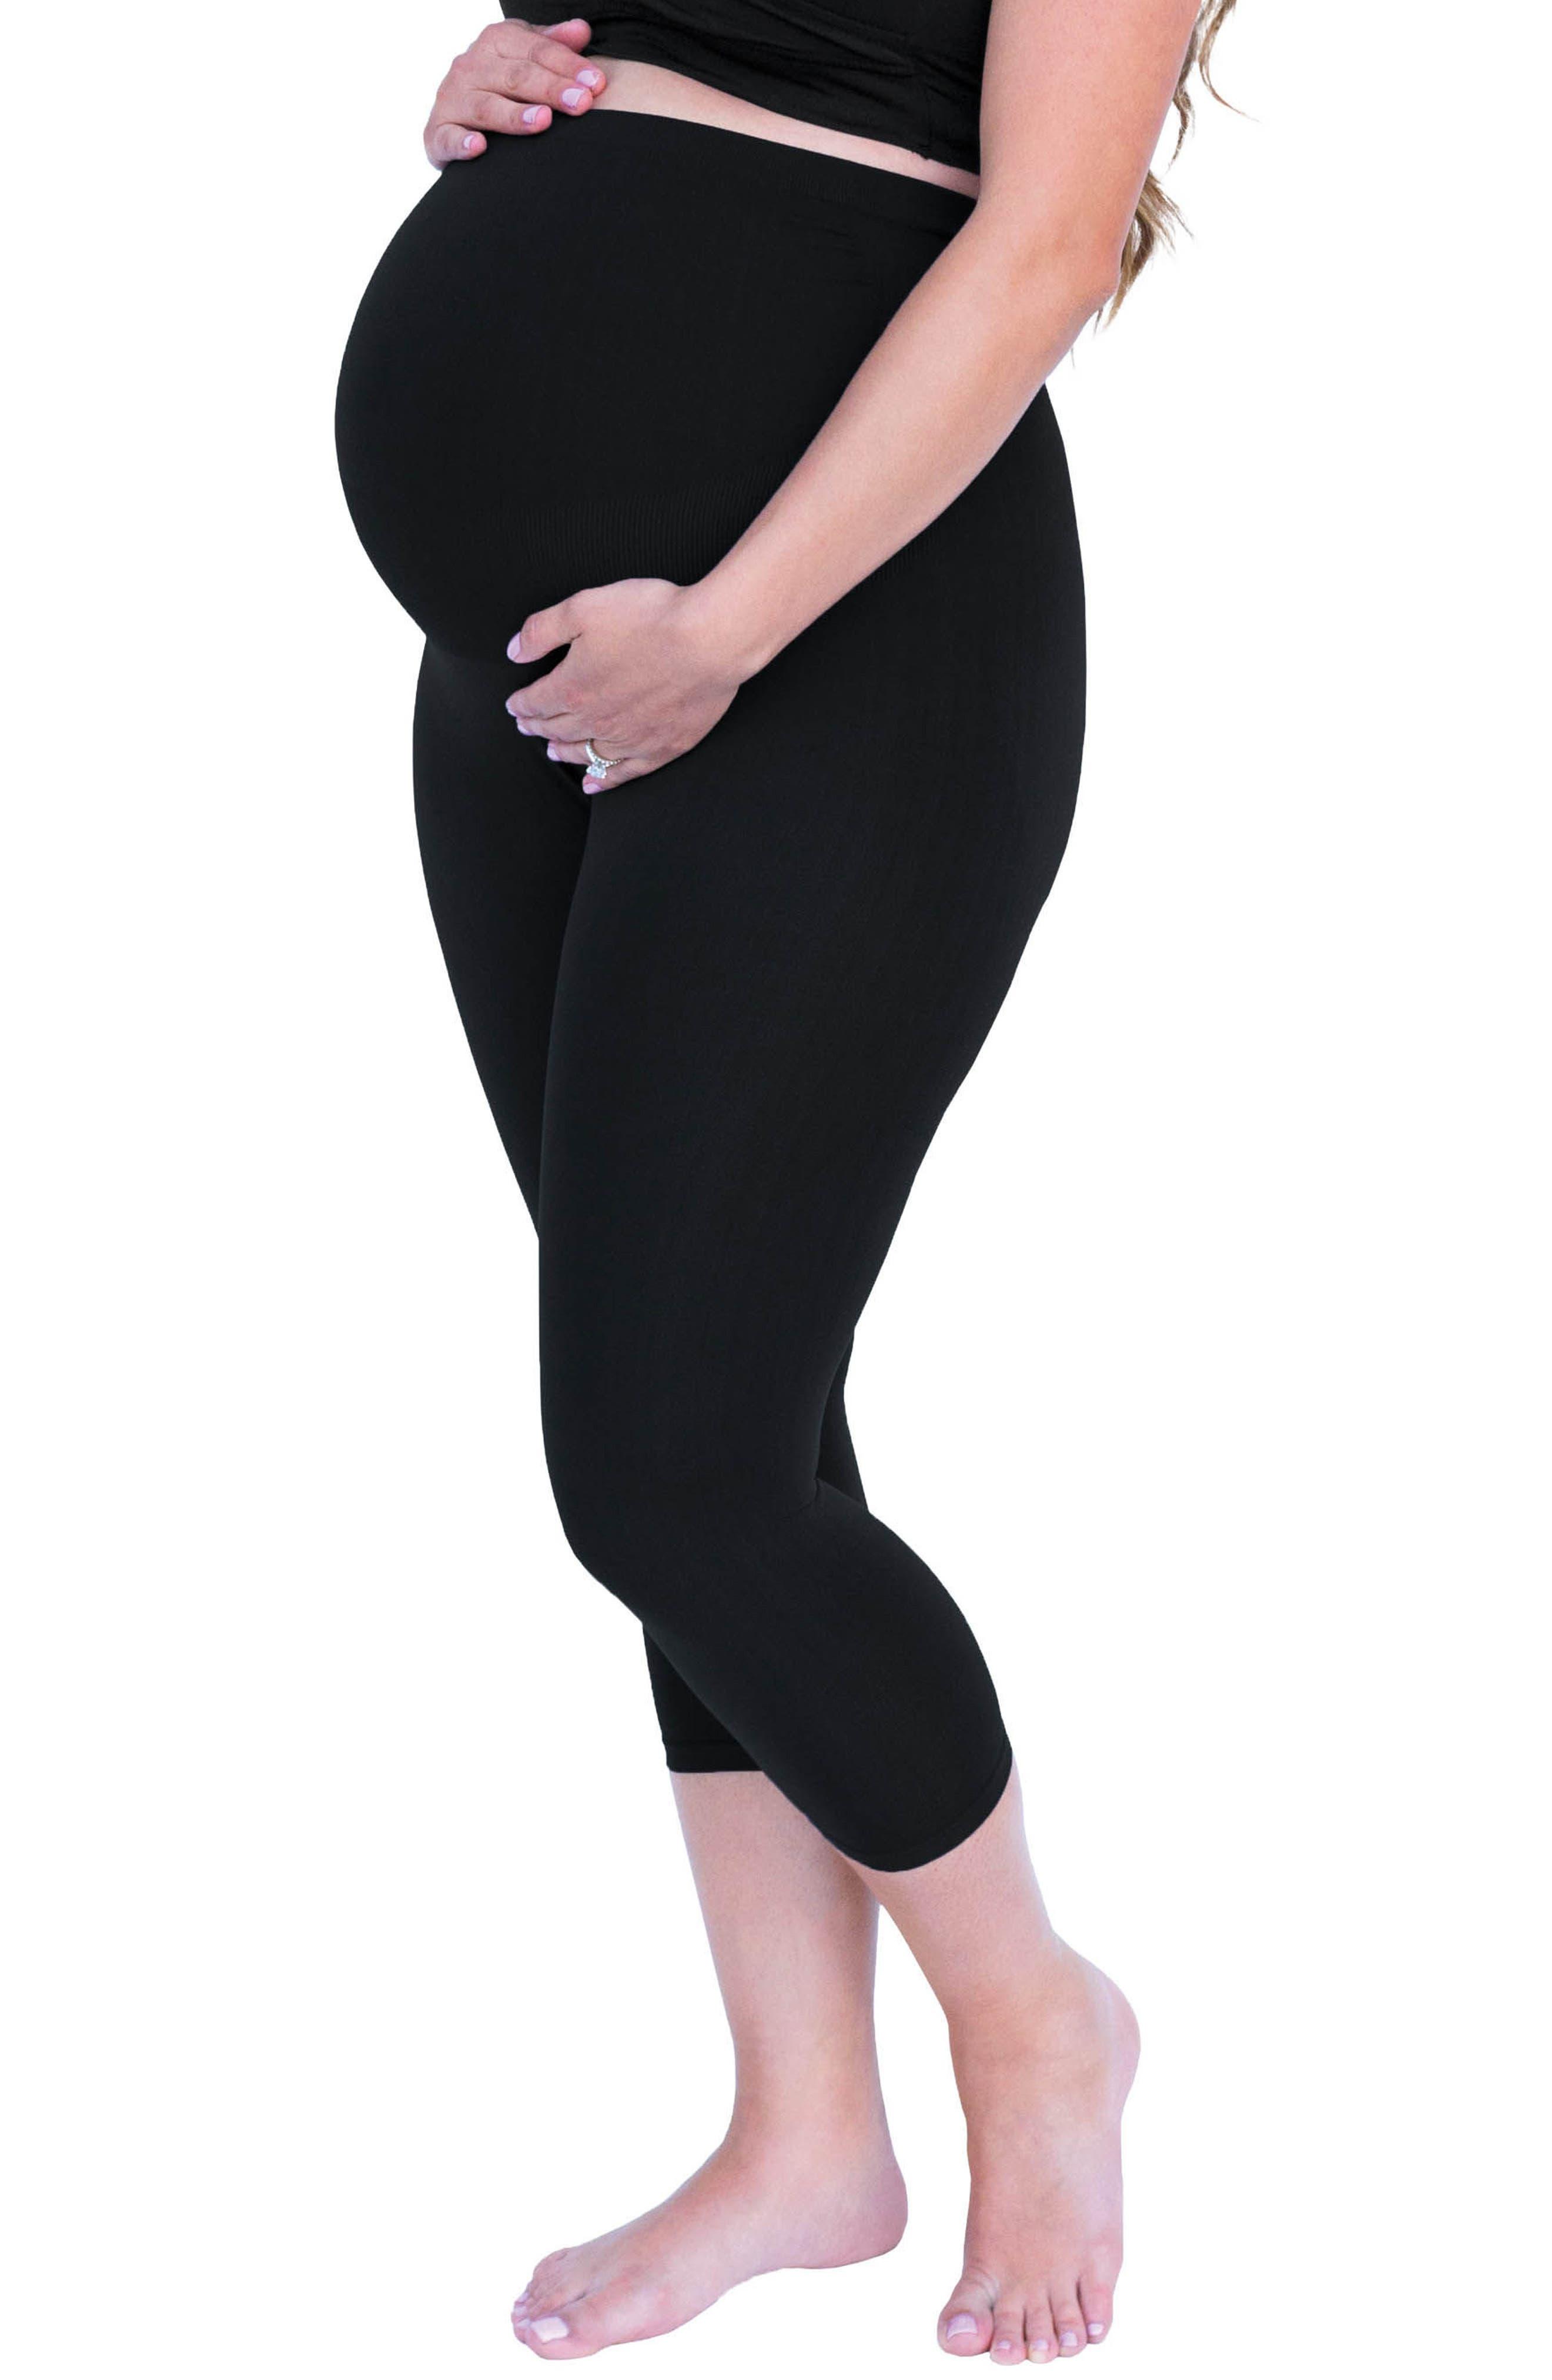 Alternate Image 1 Selected - Belly Bandit® Bump Support™ Capri Leggings